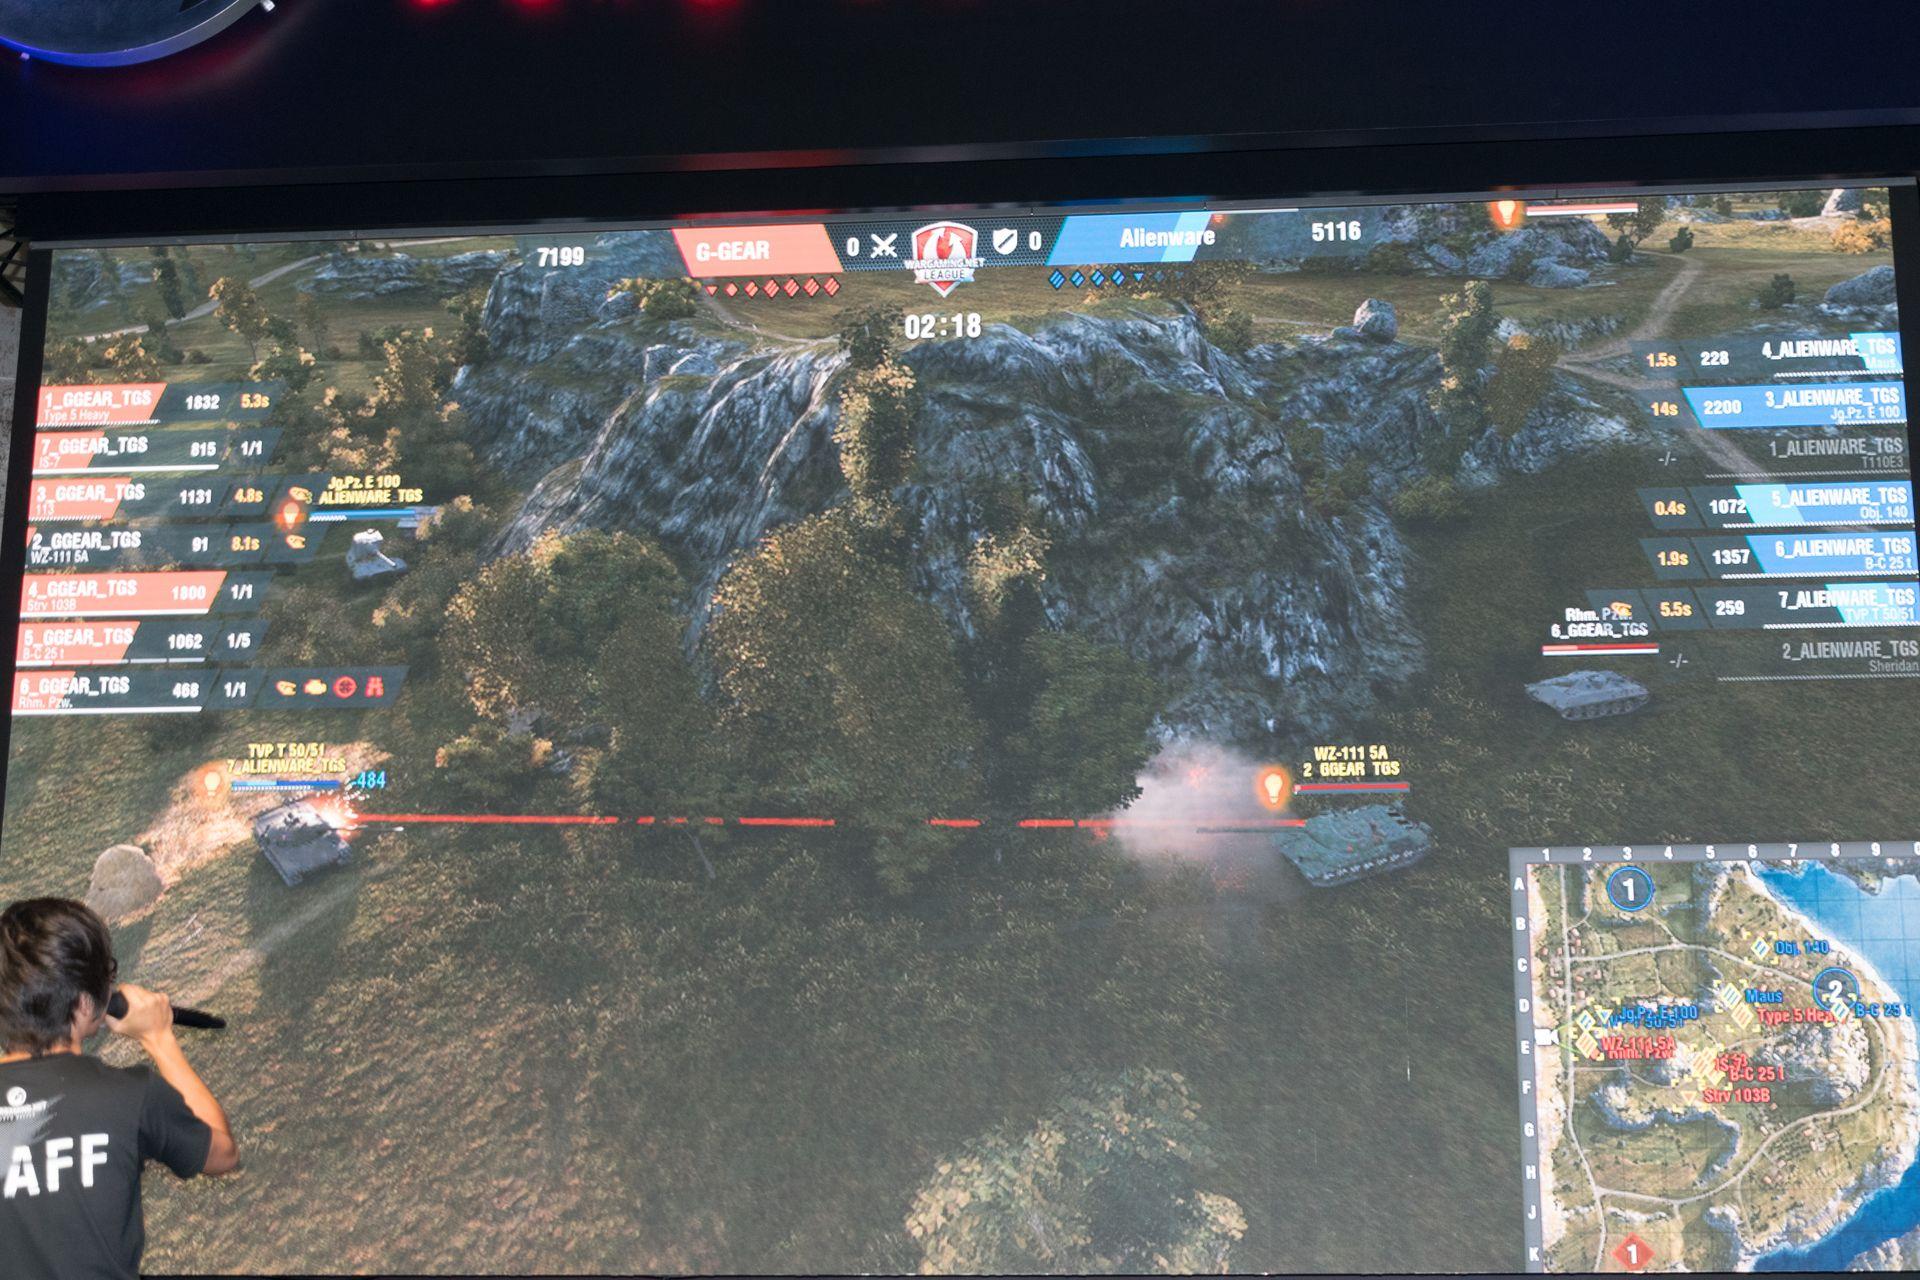 G-Gearのプレイヤースキルは高く、この程度の遠距離でも視線が通れば通行量とばかりにすかさず命中弾を送り込む。さらに隙を見せれば裏回りからのバックアタックなど、戦術の引き出しと連携が非常に良い